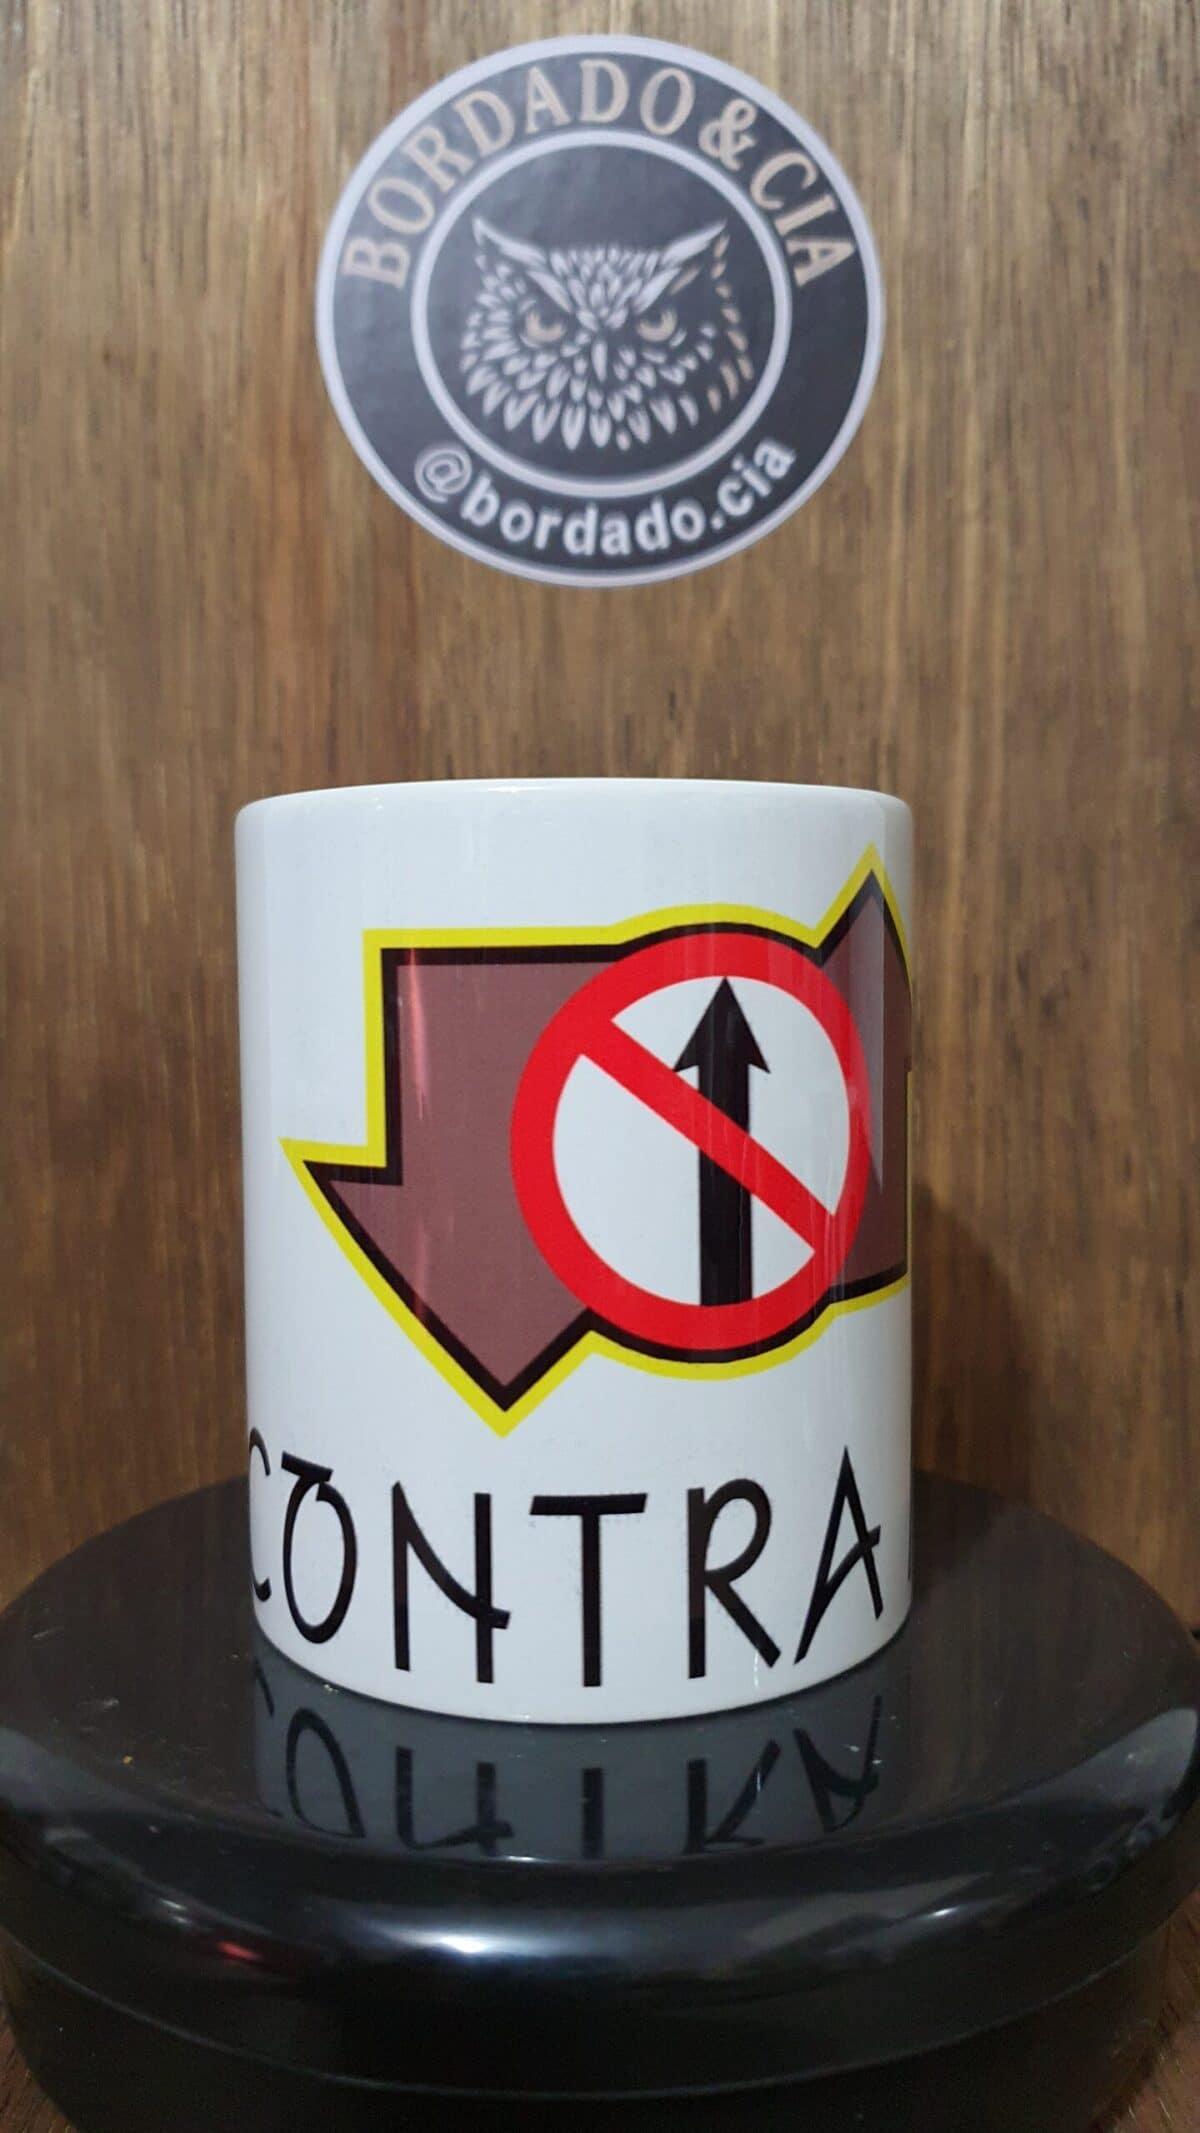 Caneca Oficial Contra Mão by Bordado & Cia - @bordado.cia; @dj.vadao; @danceteriacontramao; #danceteriacontramao